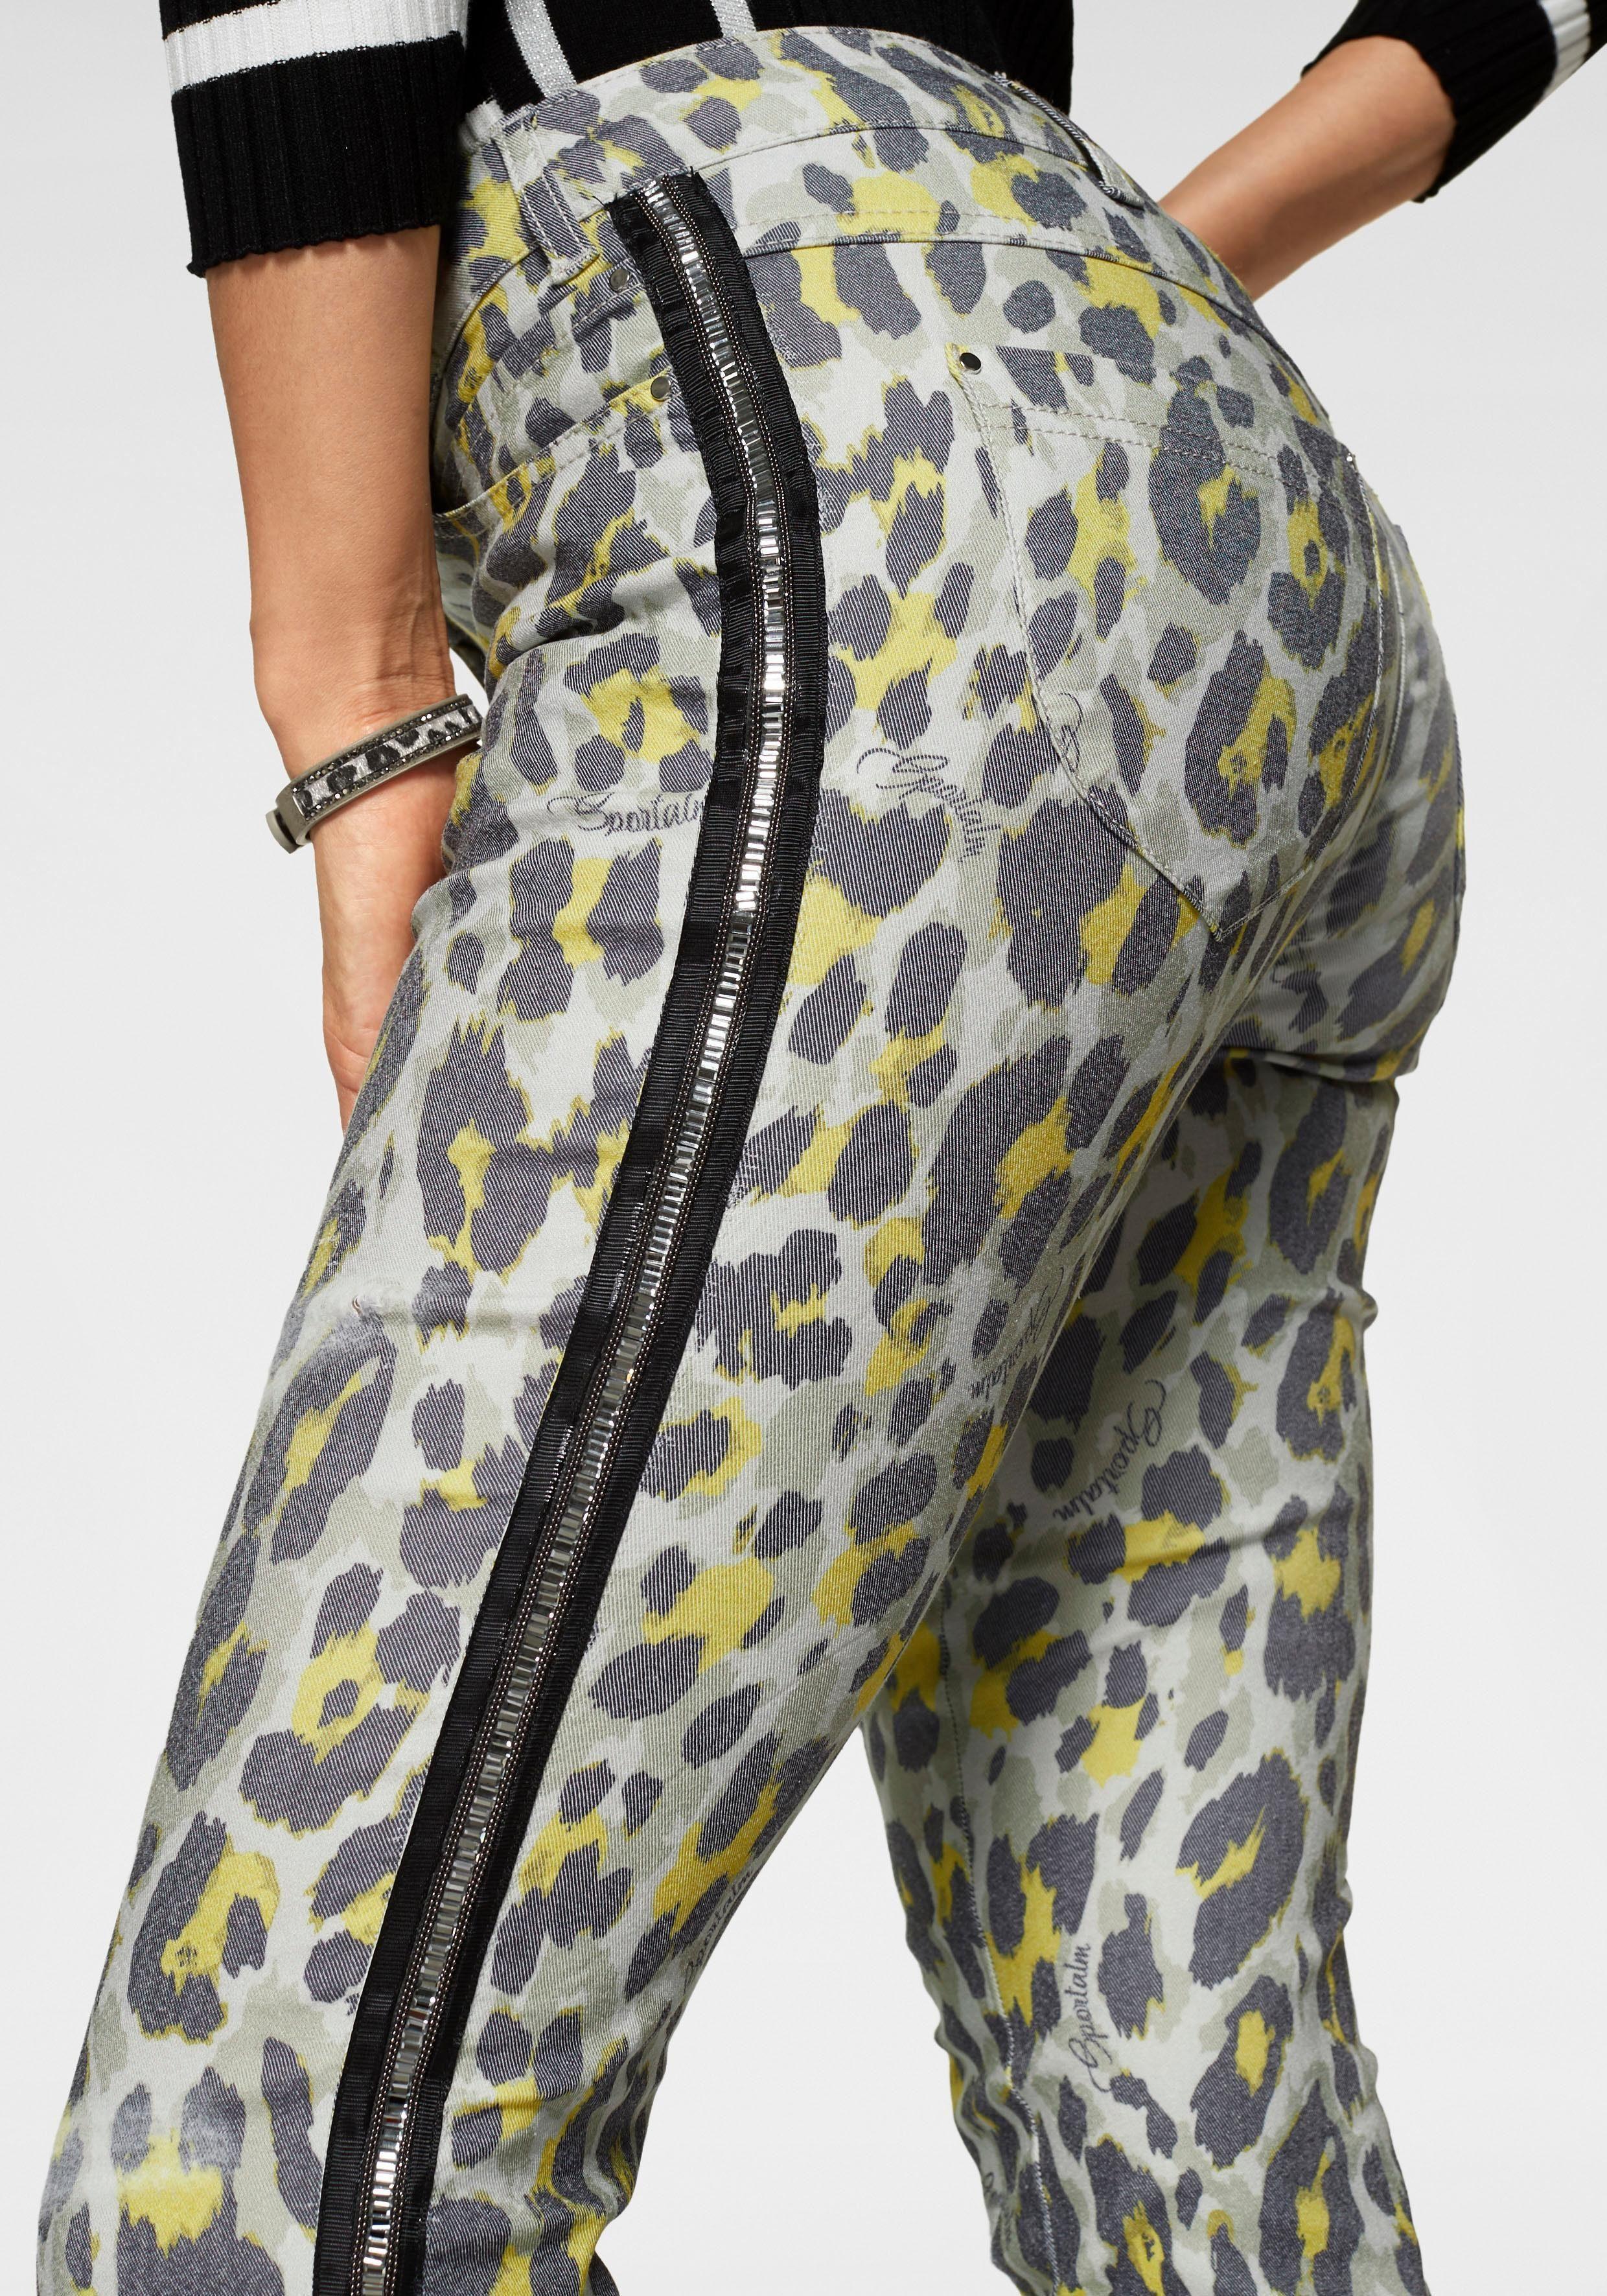 Sportalm Kitzbühel 5-Pocket-Hose mit Glitzerstreifen an der Seite